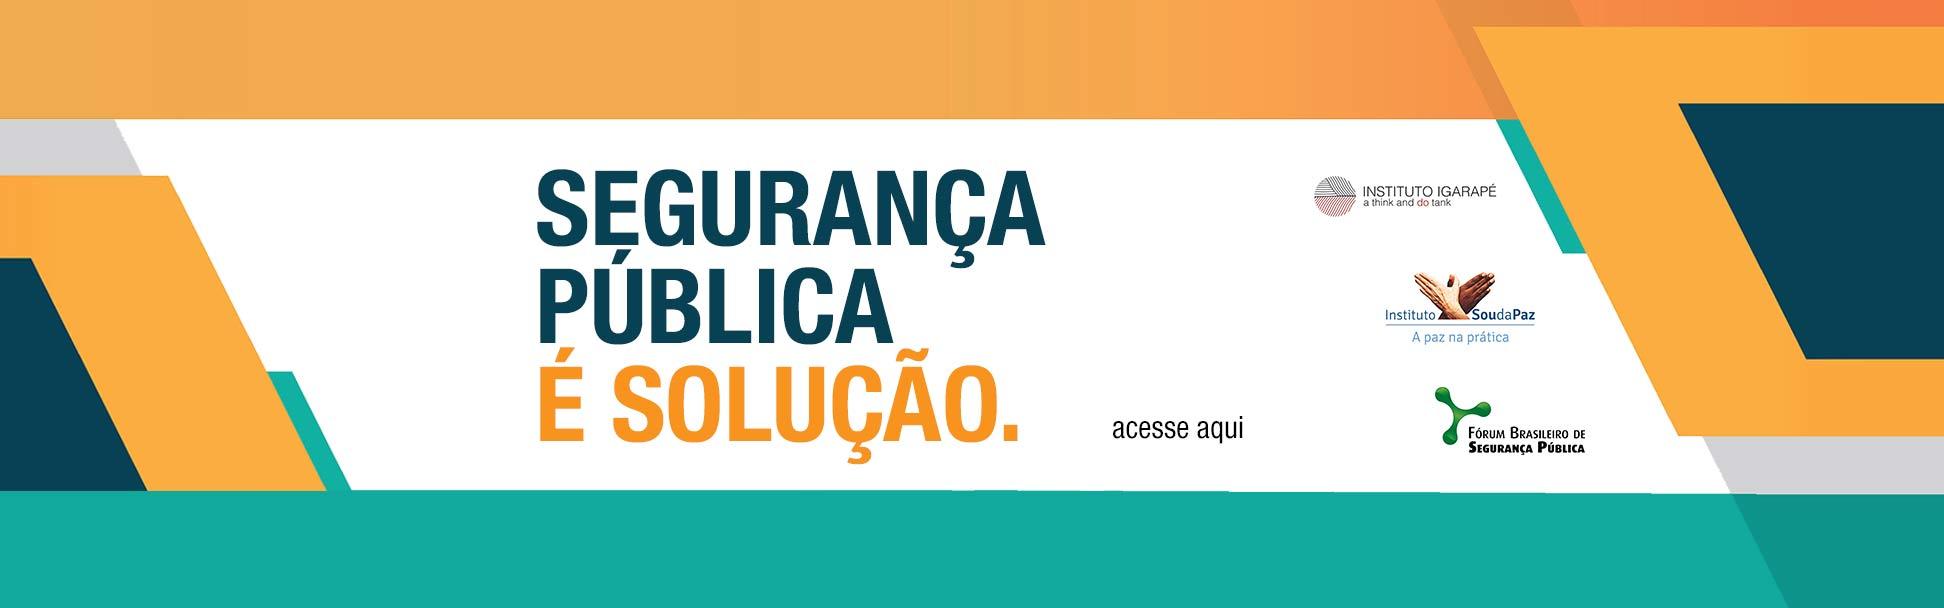 banner-Seg-Solucao-v2